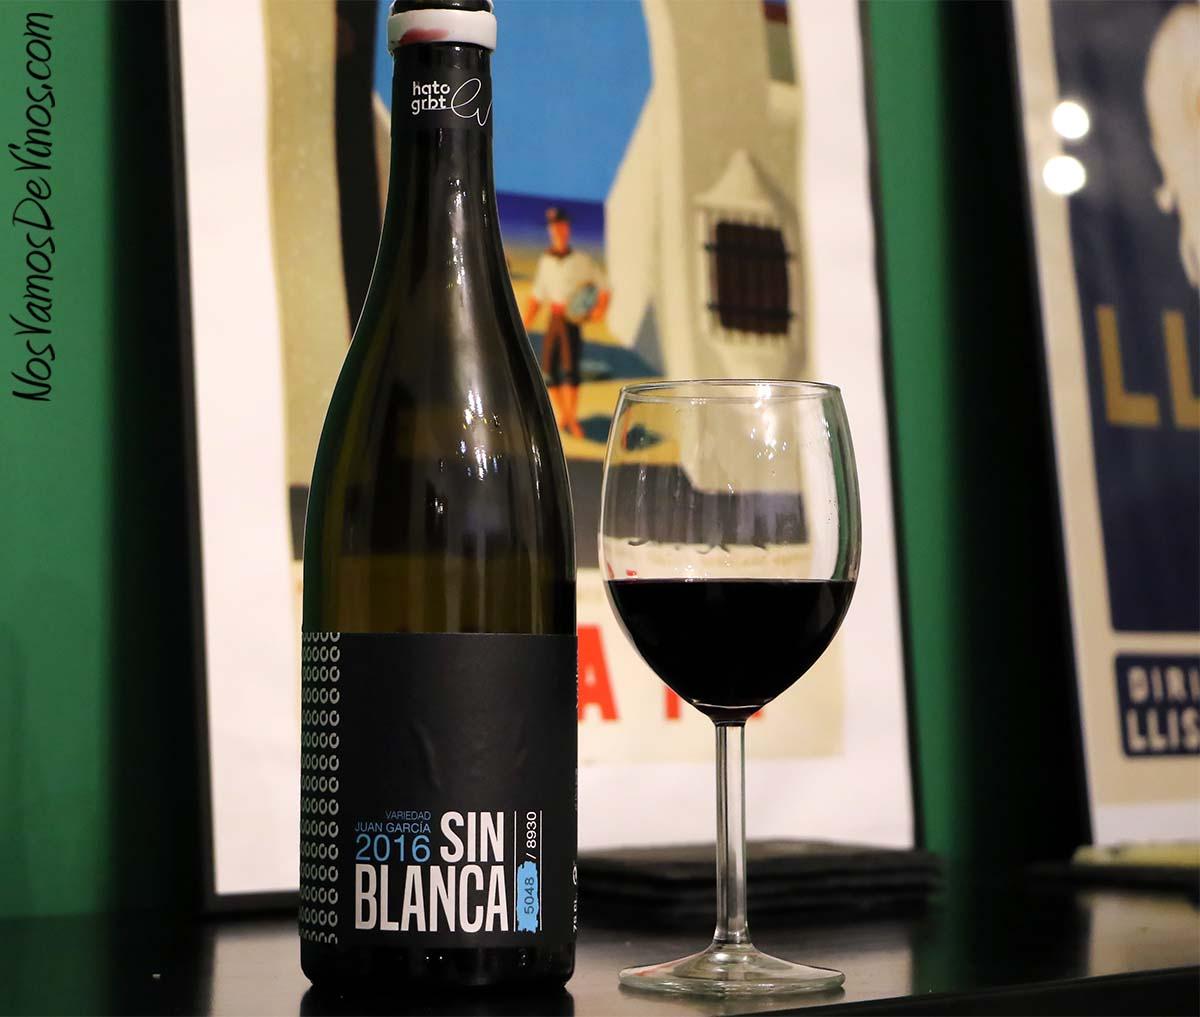 Sin Blanca 2016